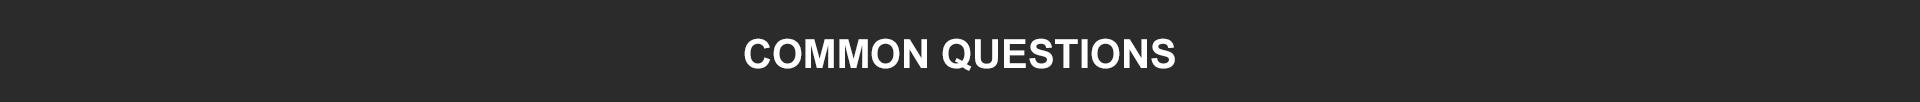 FAQ Header Image